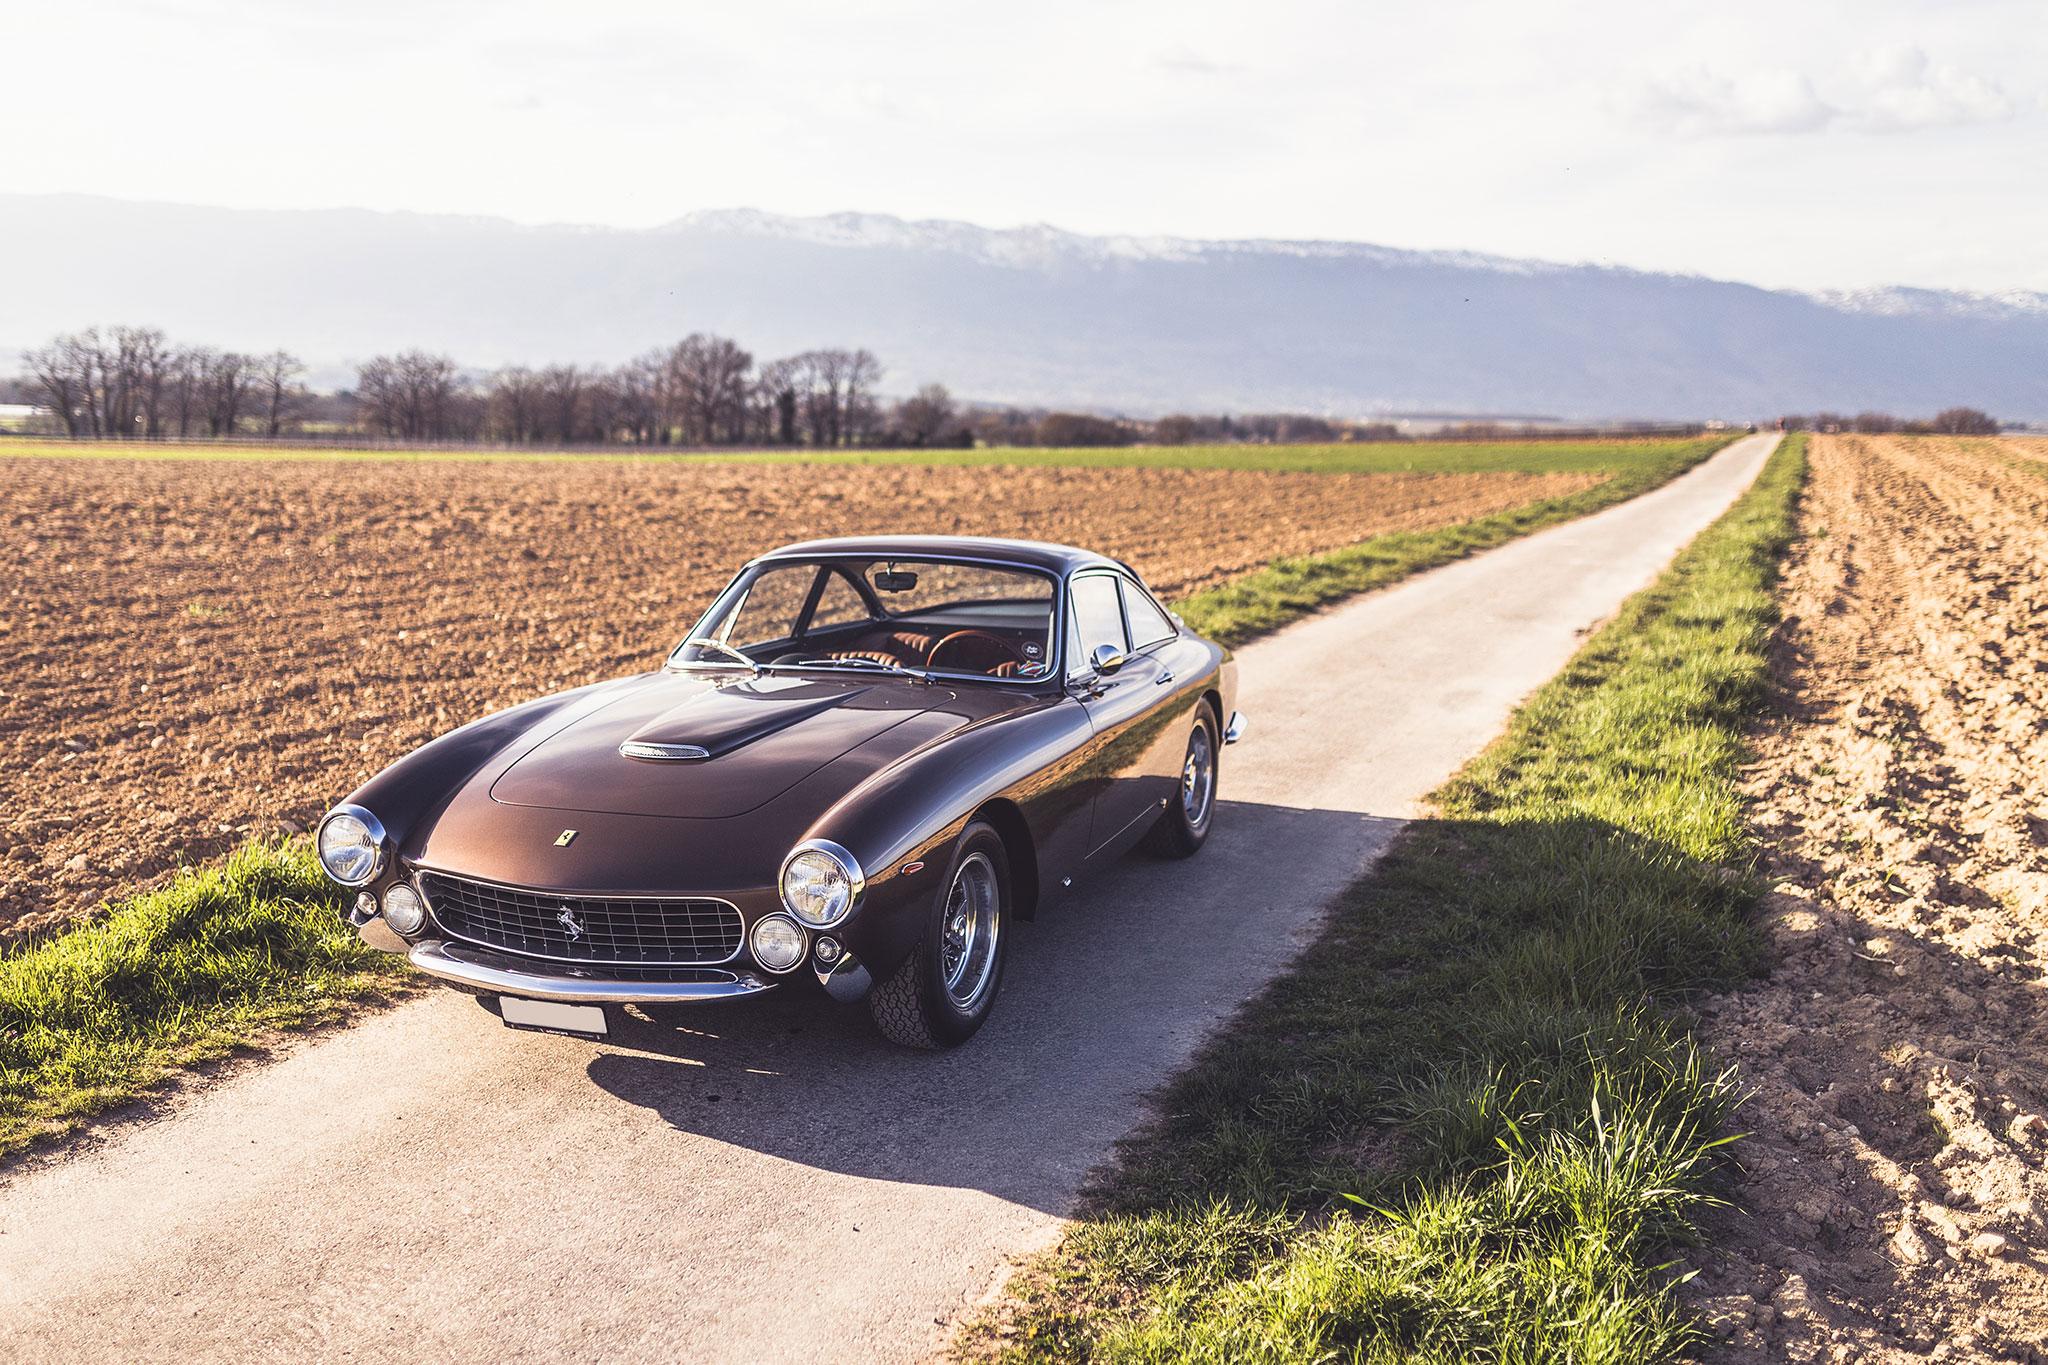 1963 Ferrari 250 GT Lusso Berlinetta CHF 1 350 000 - 1 950 000 - Classique vs Supercar.